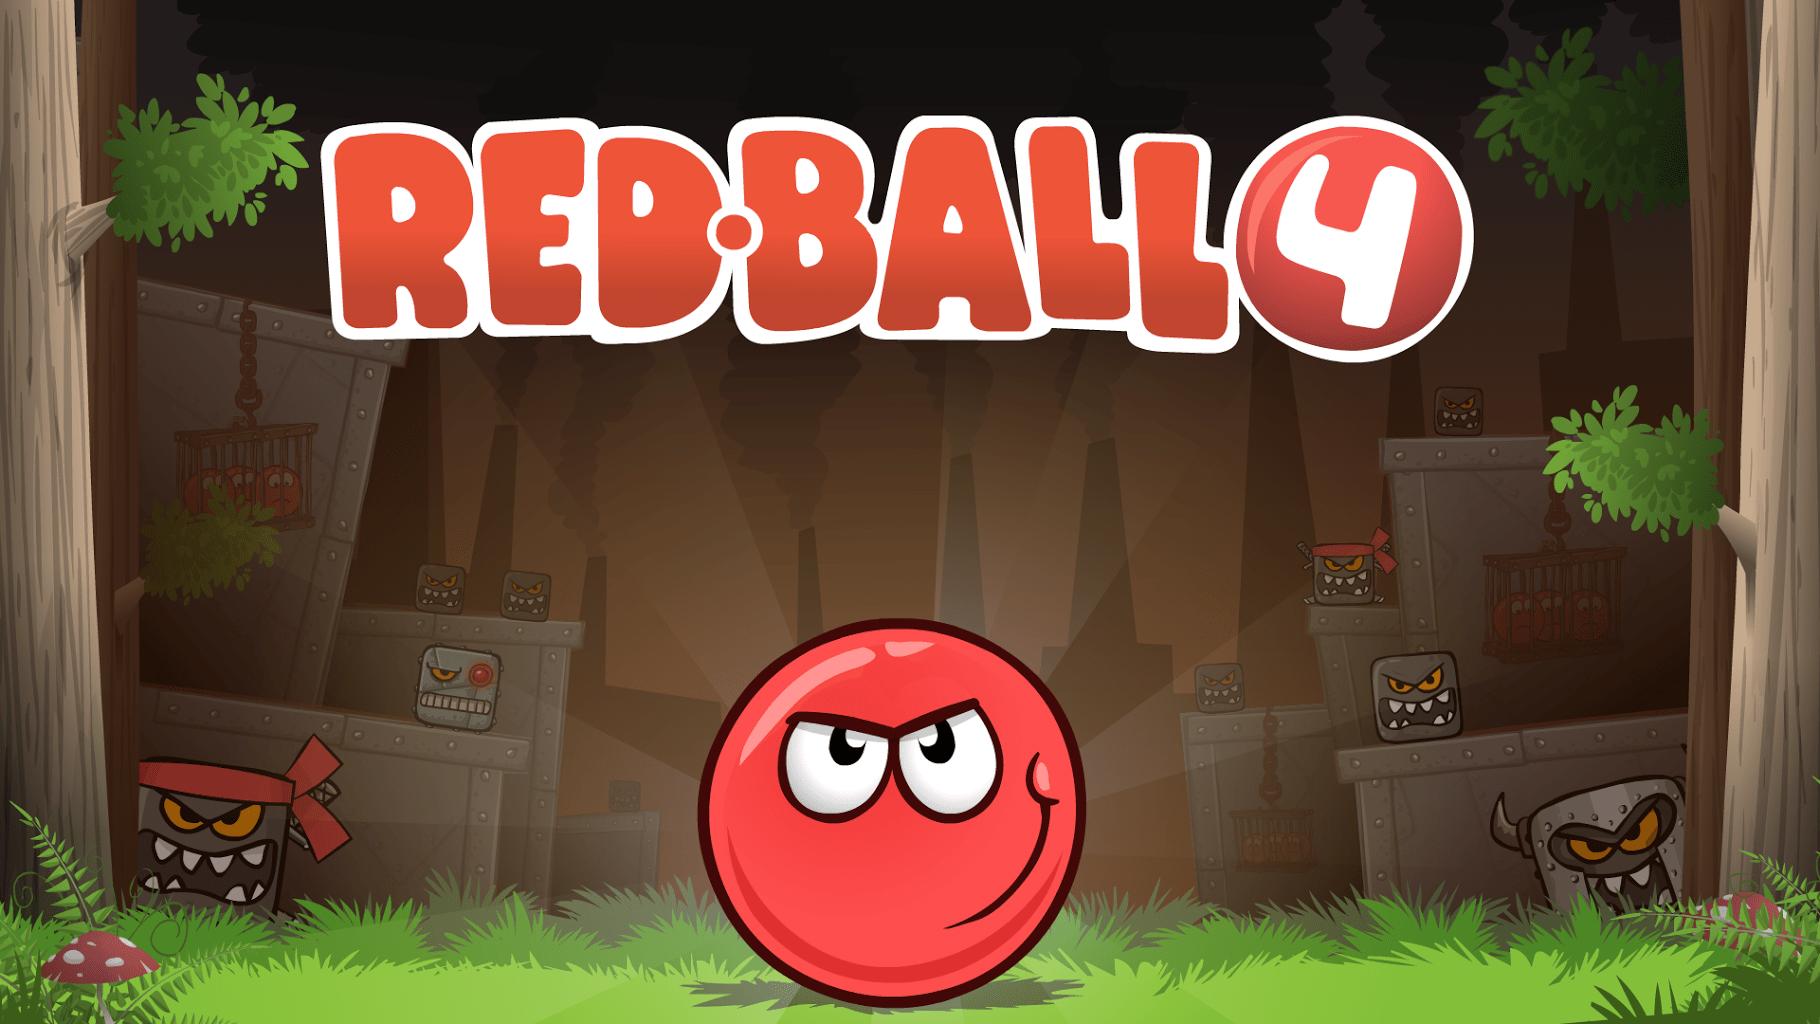 Red Ball 5 est la suite logique de Red Ball 4 :p !